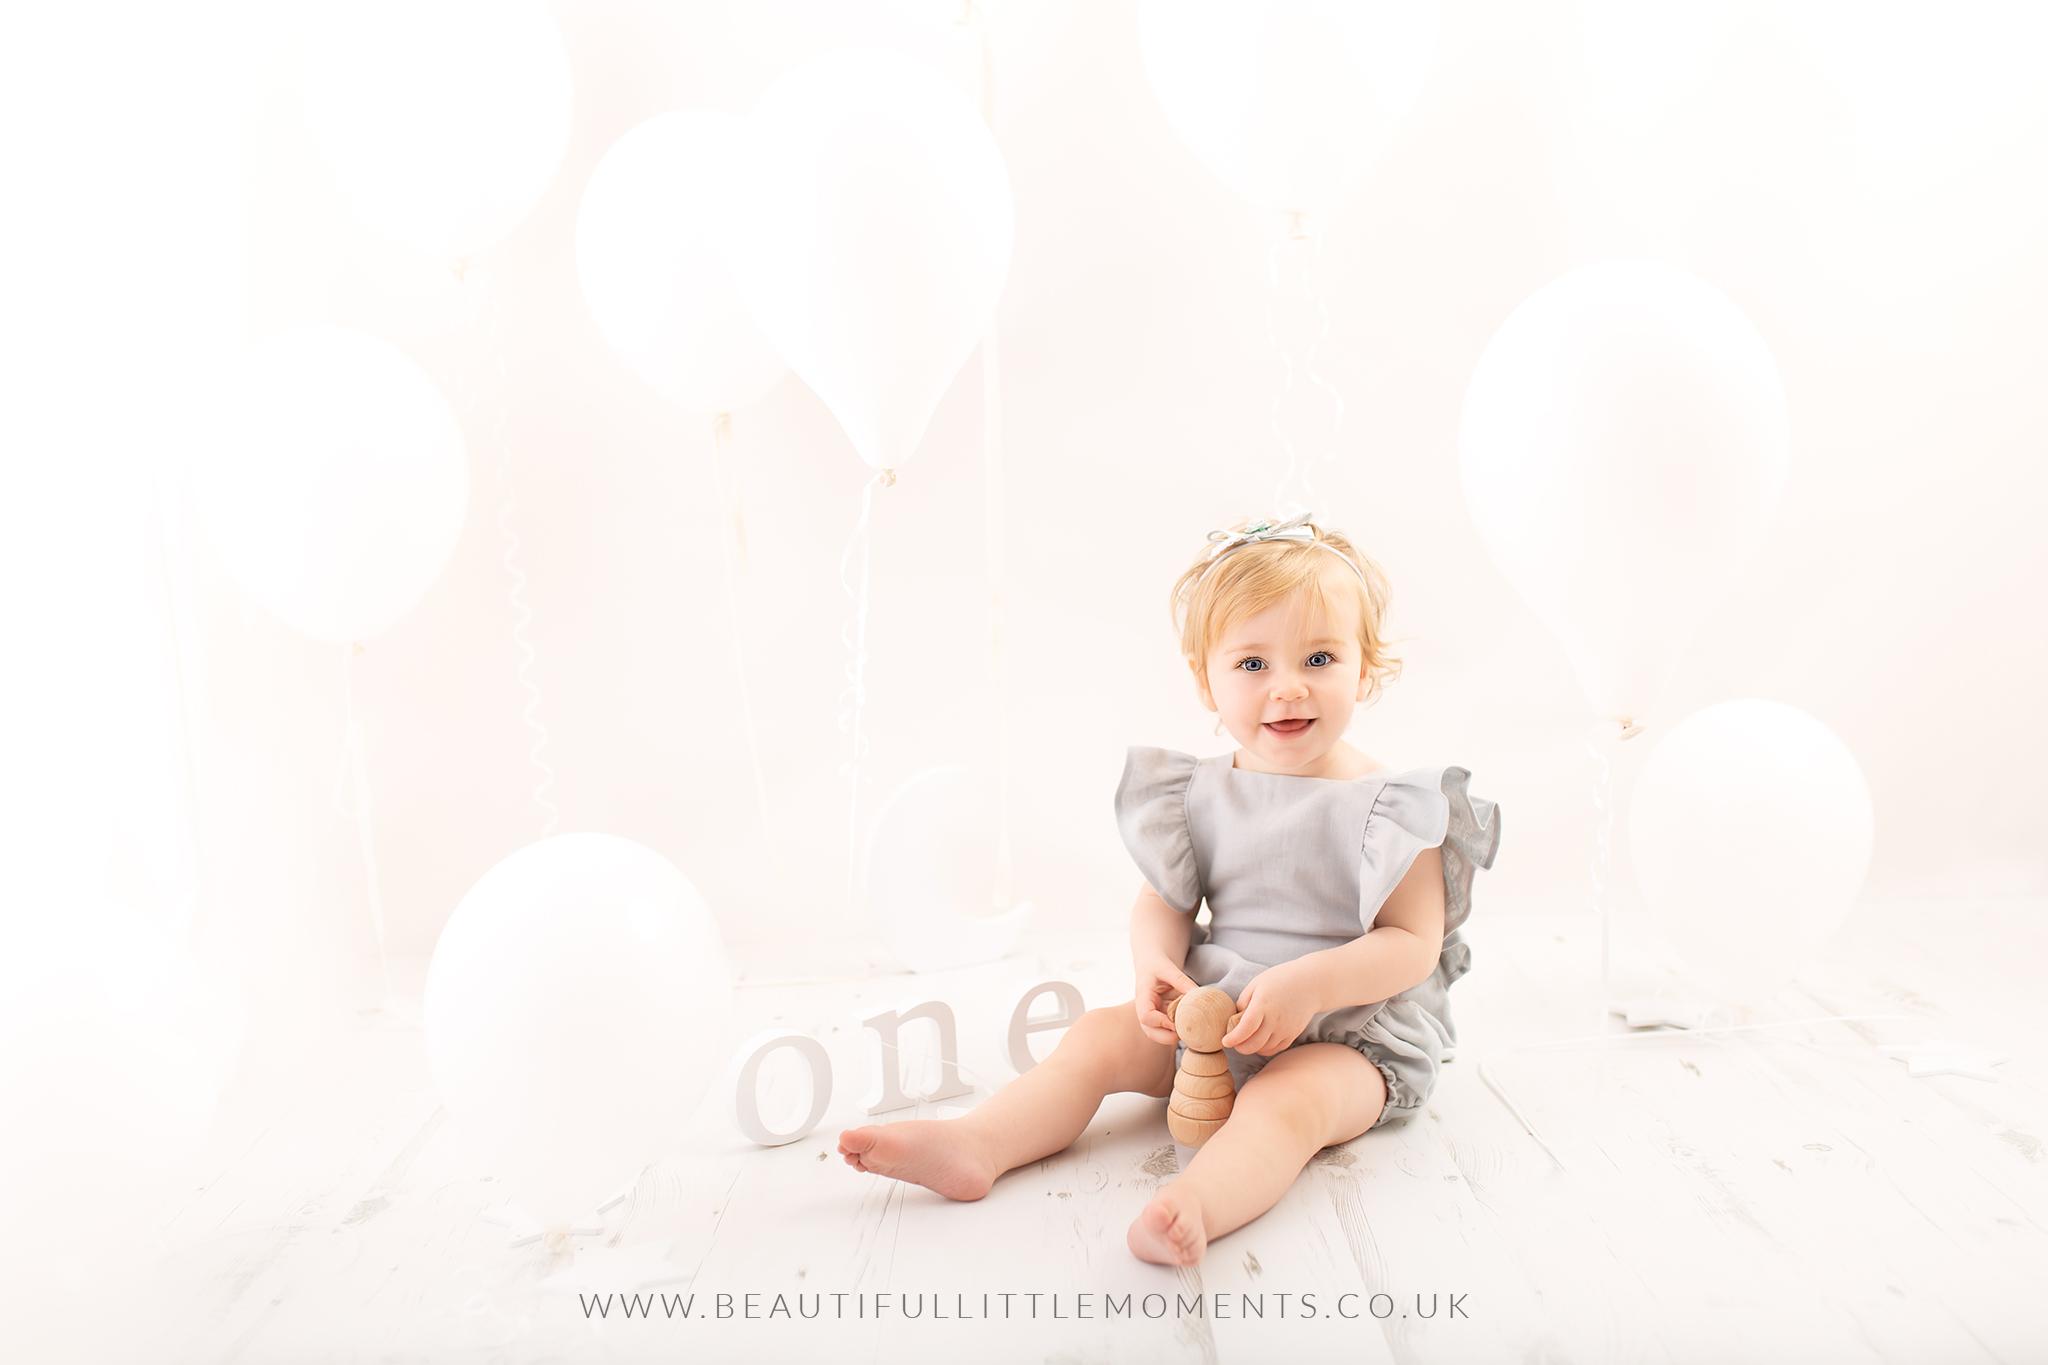 birthday-photos-epsom-surrey-beautifullittlemoments.co.uk